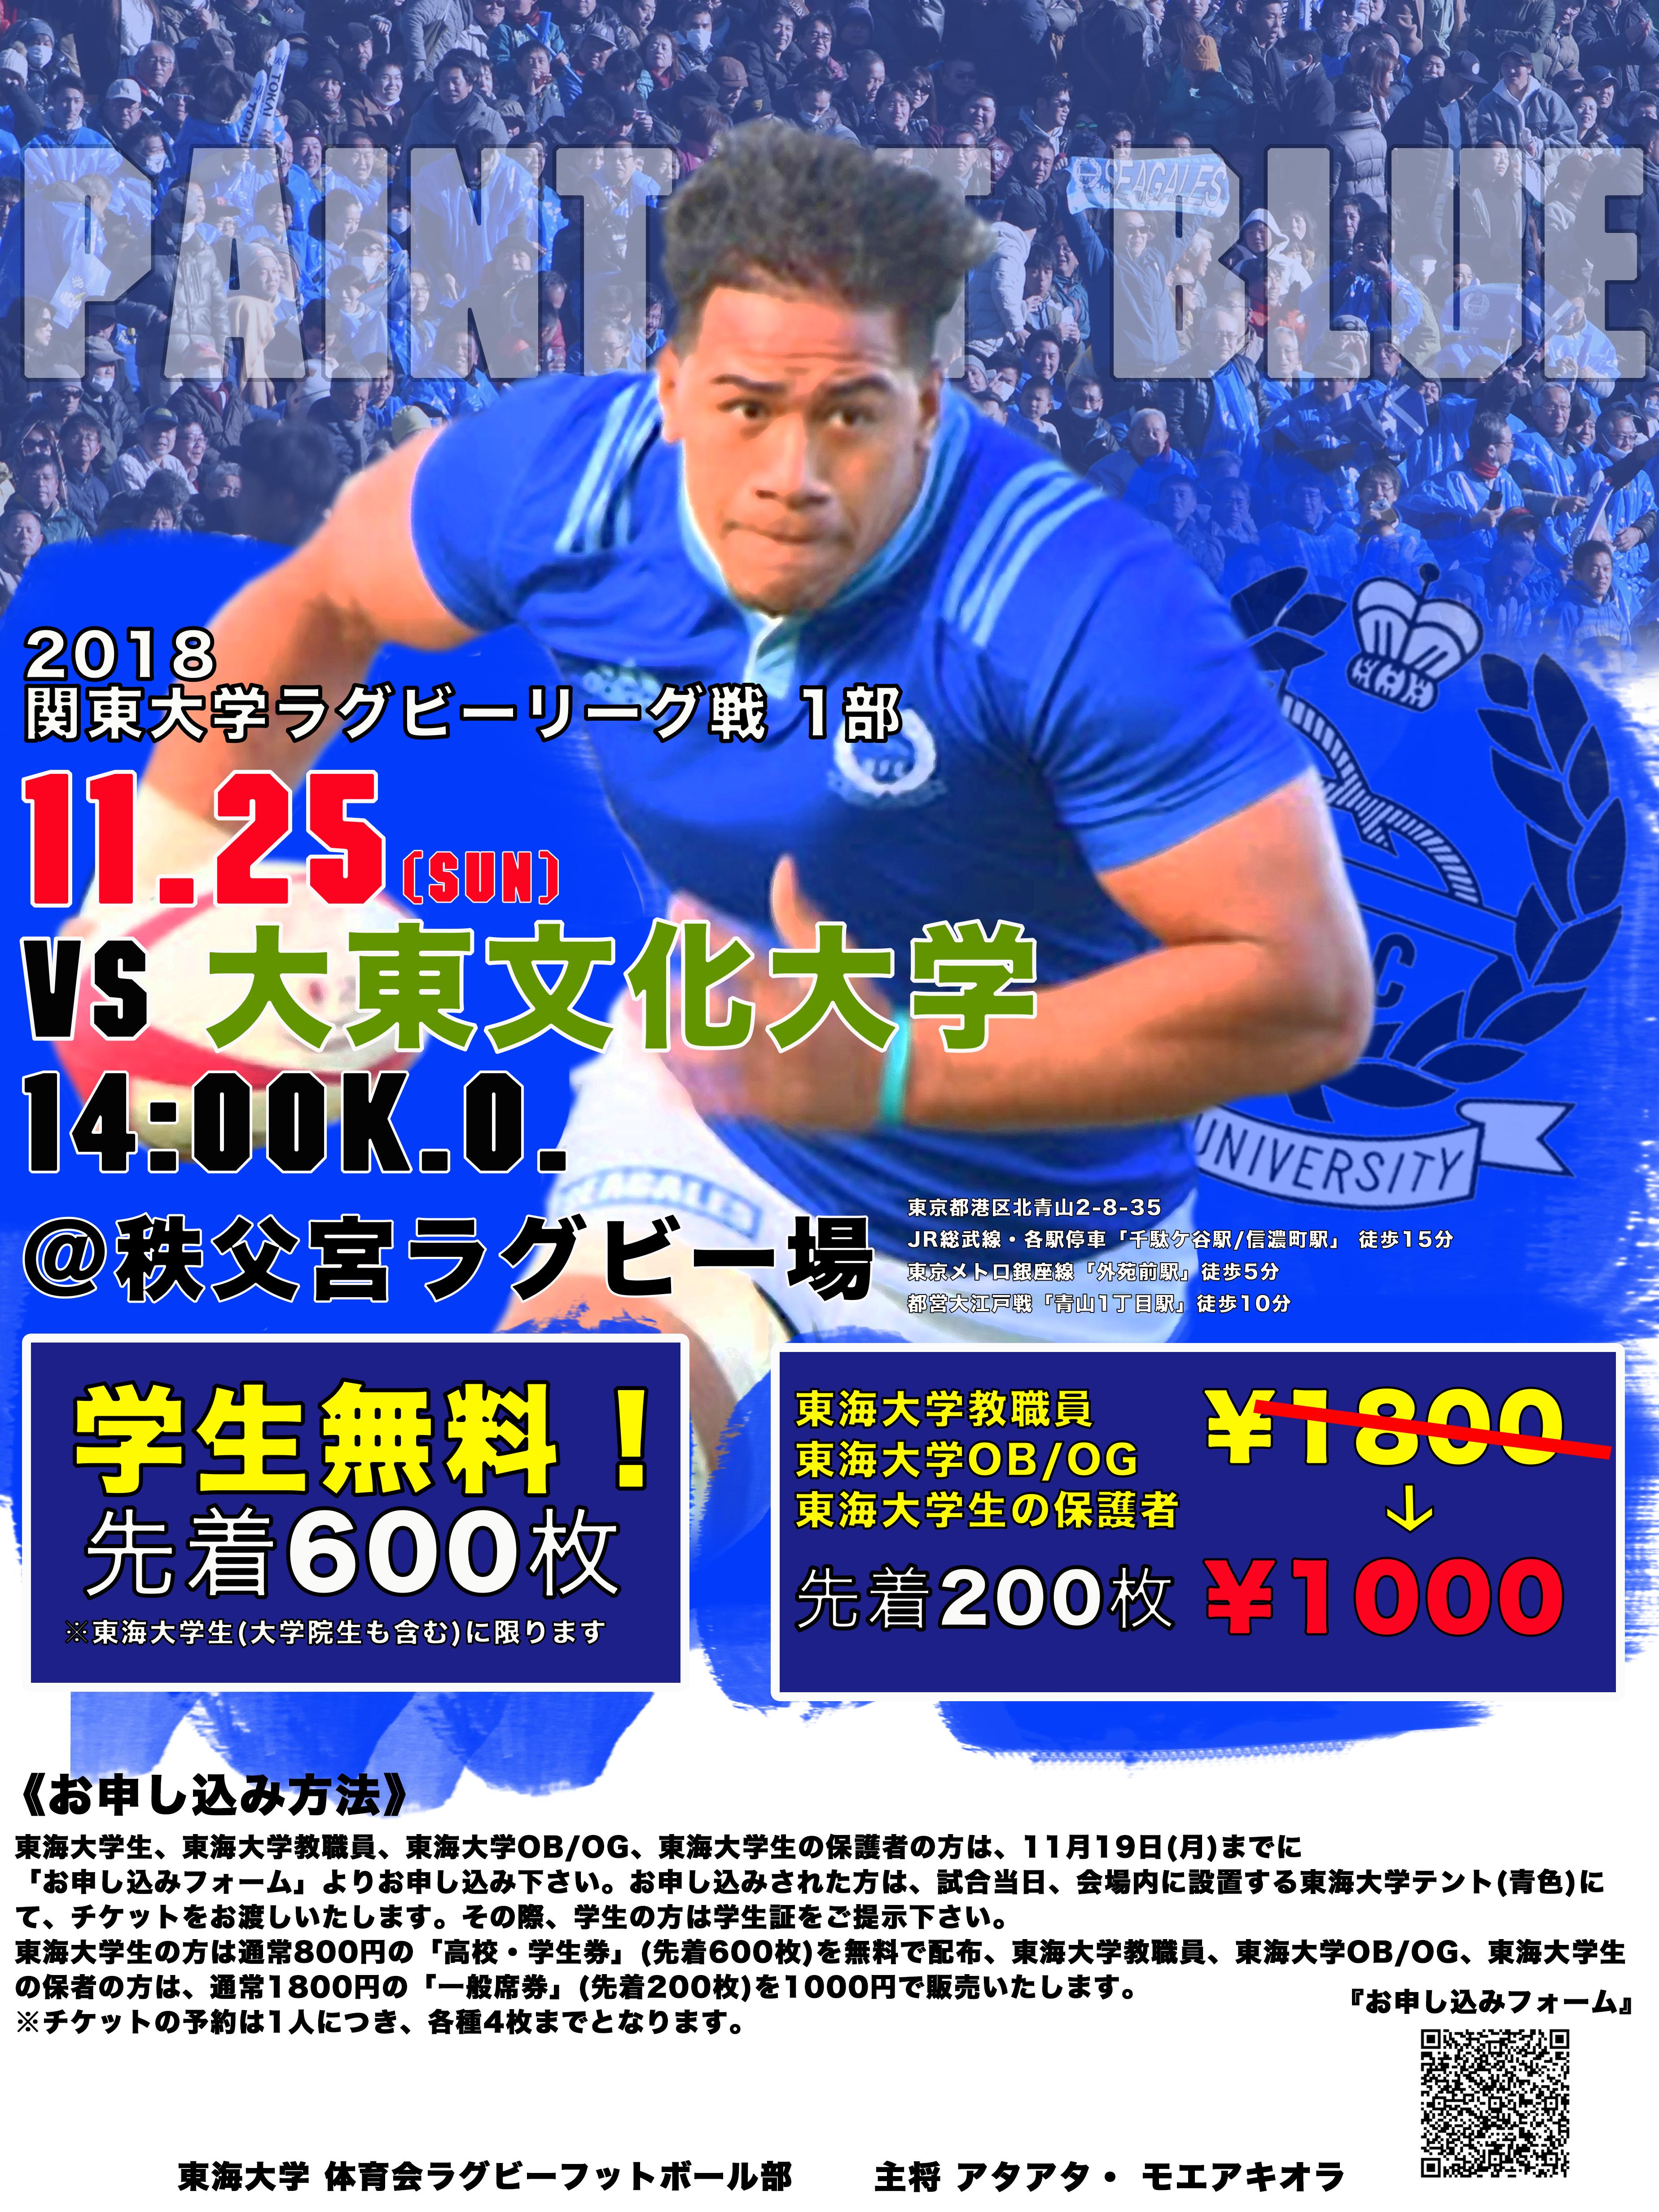 20181125 大東大学戦 ポスター.png